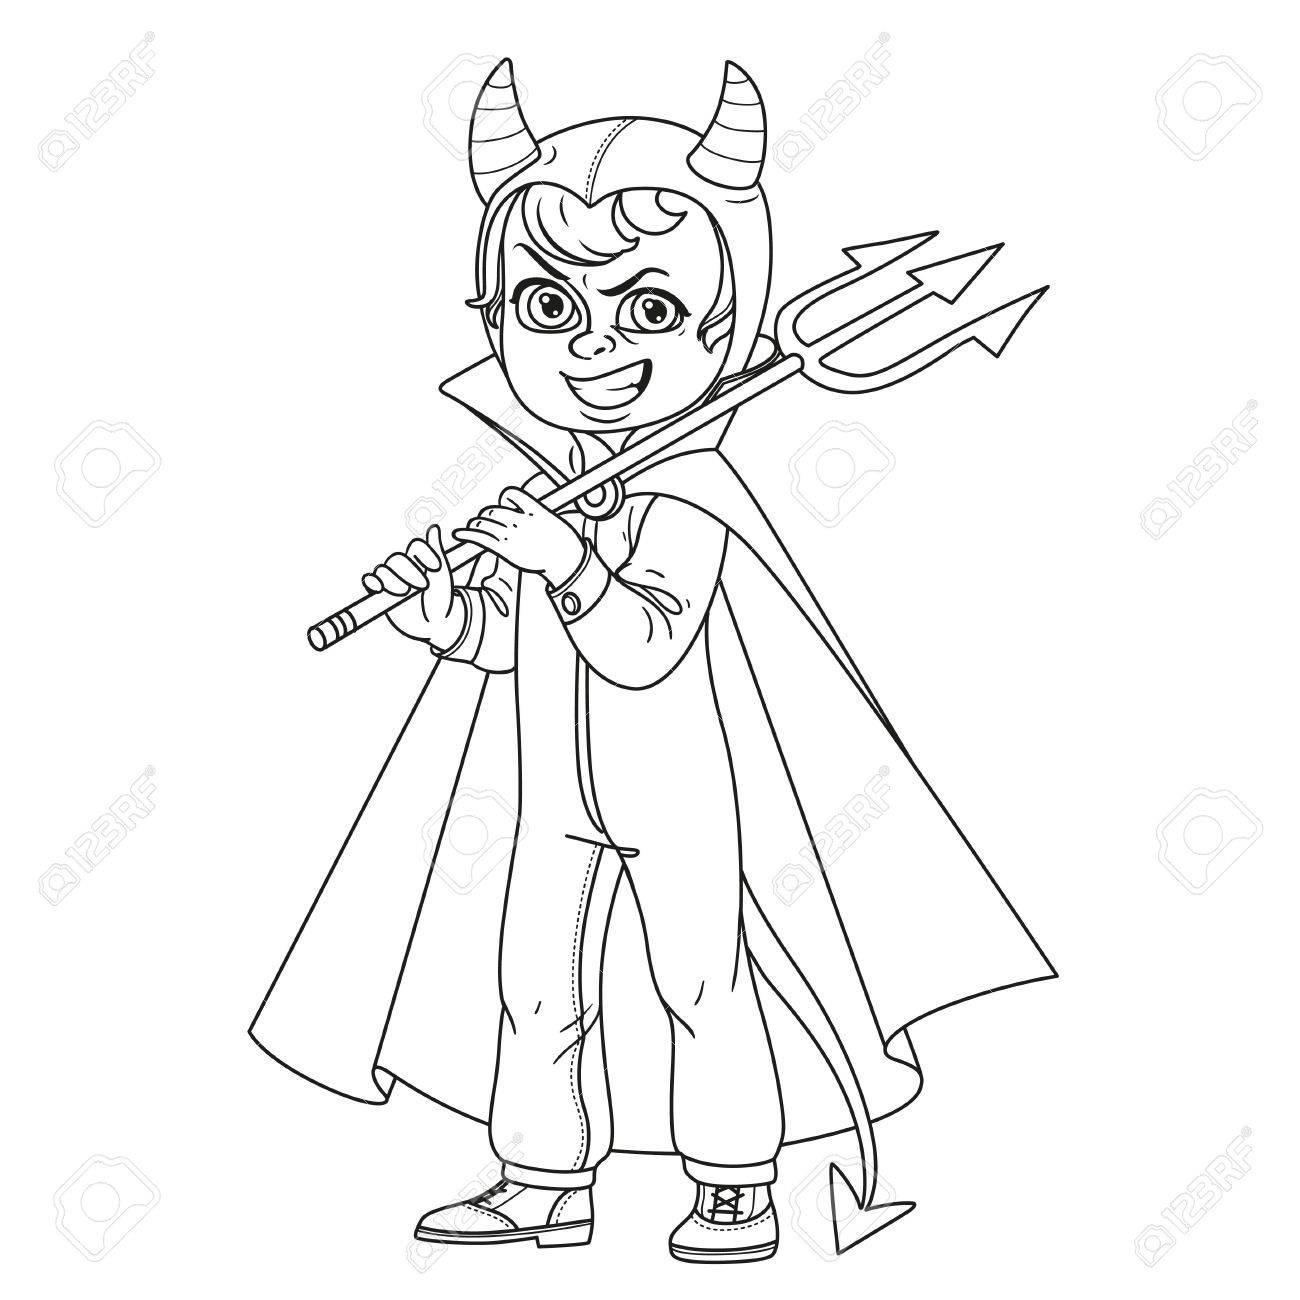 Netter Junge In Overalls Teufel Kostüm Mit Einem Dreizack In Der ...